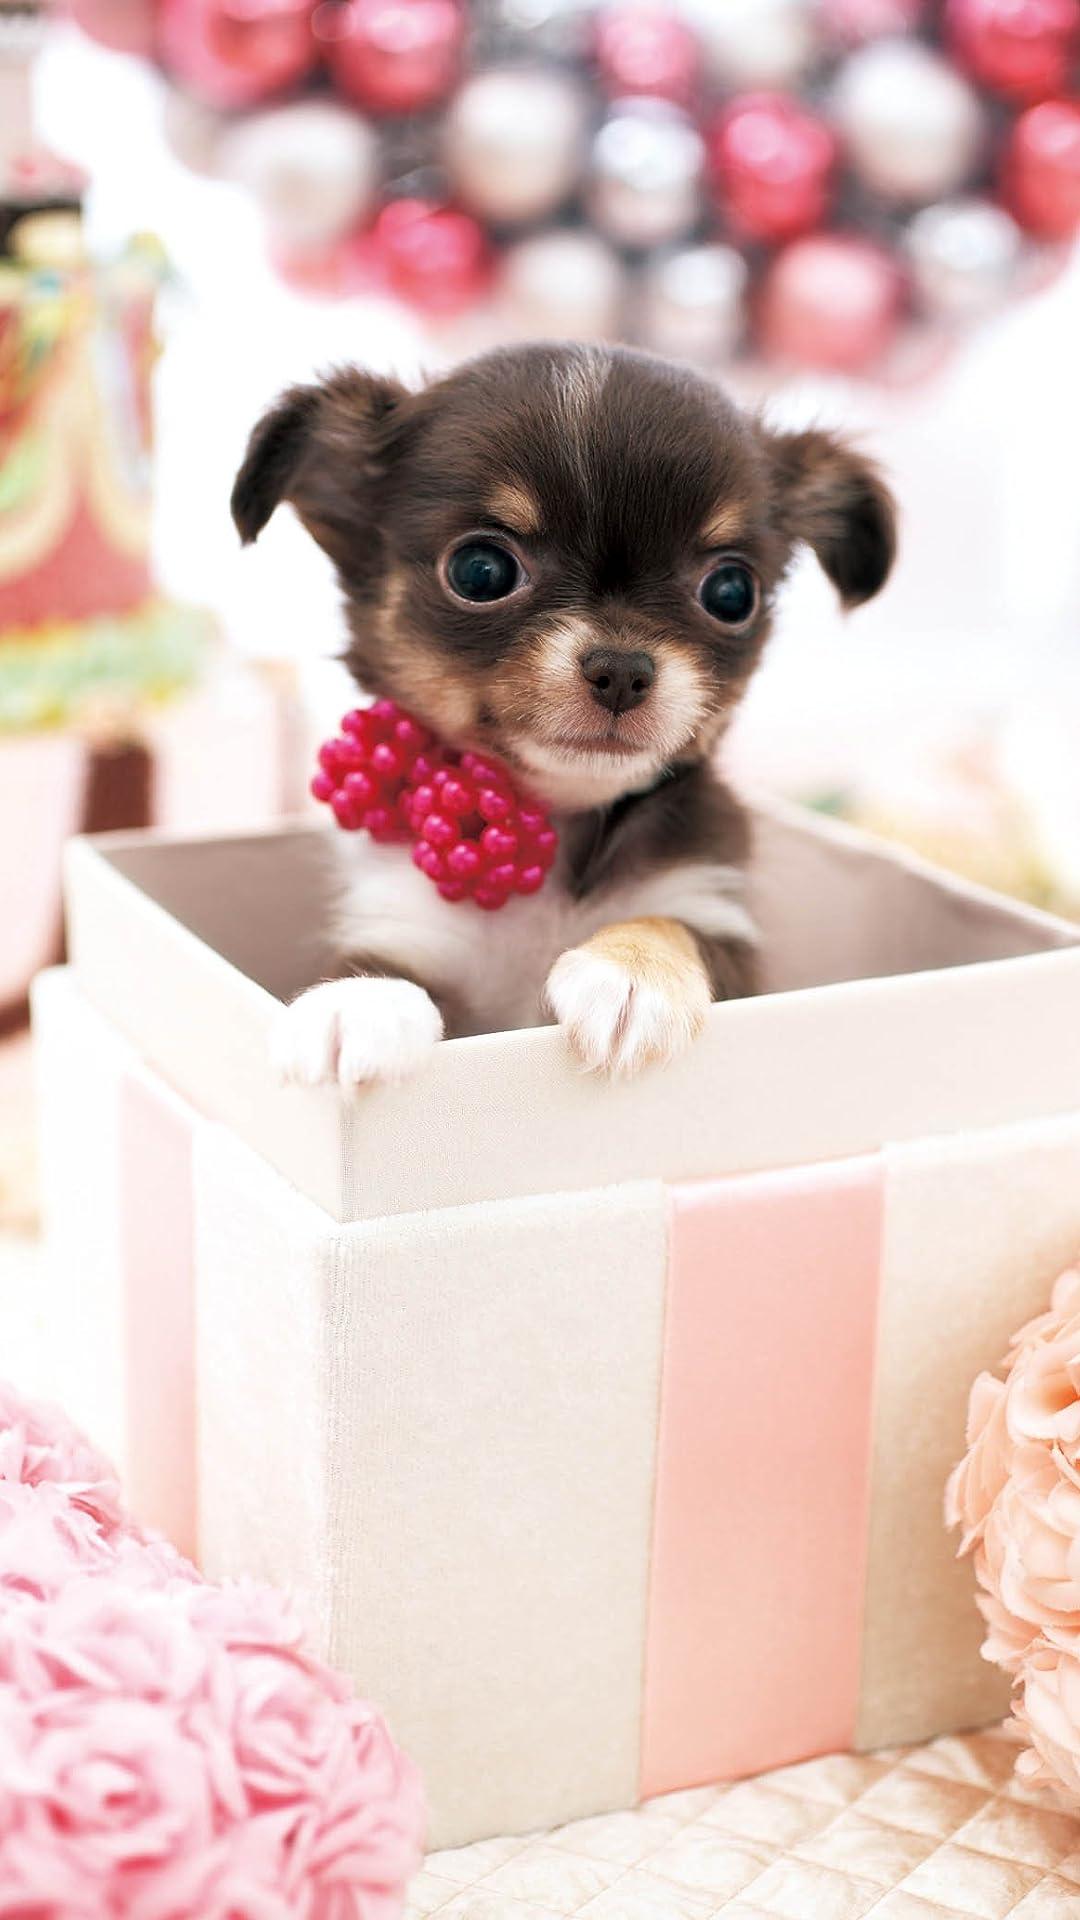 犬 かわいいプレゼント フルhd 1080 1920 スマホ壁紙 待受 画像66290